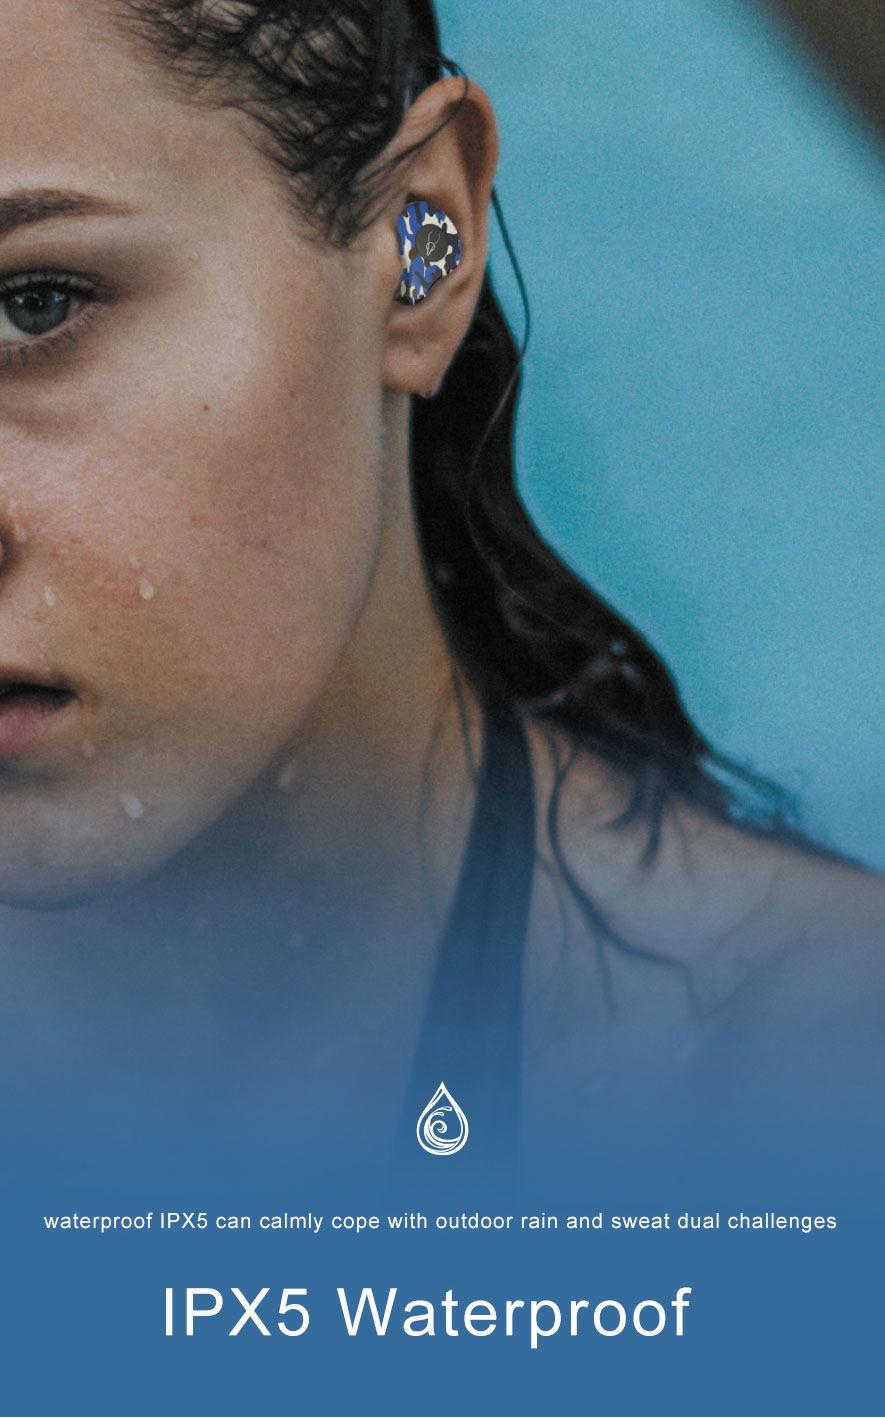 sabbat x12 ultra earbuds review